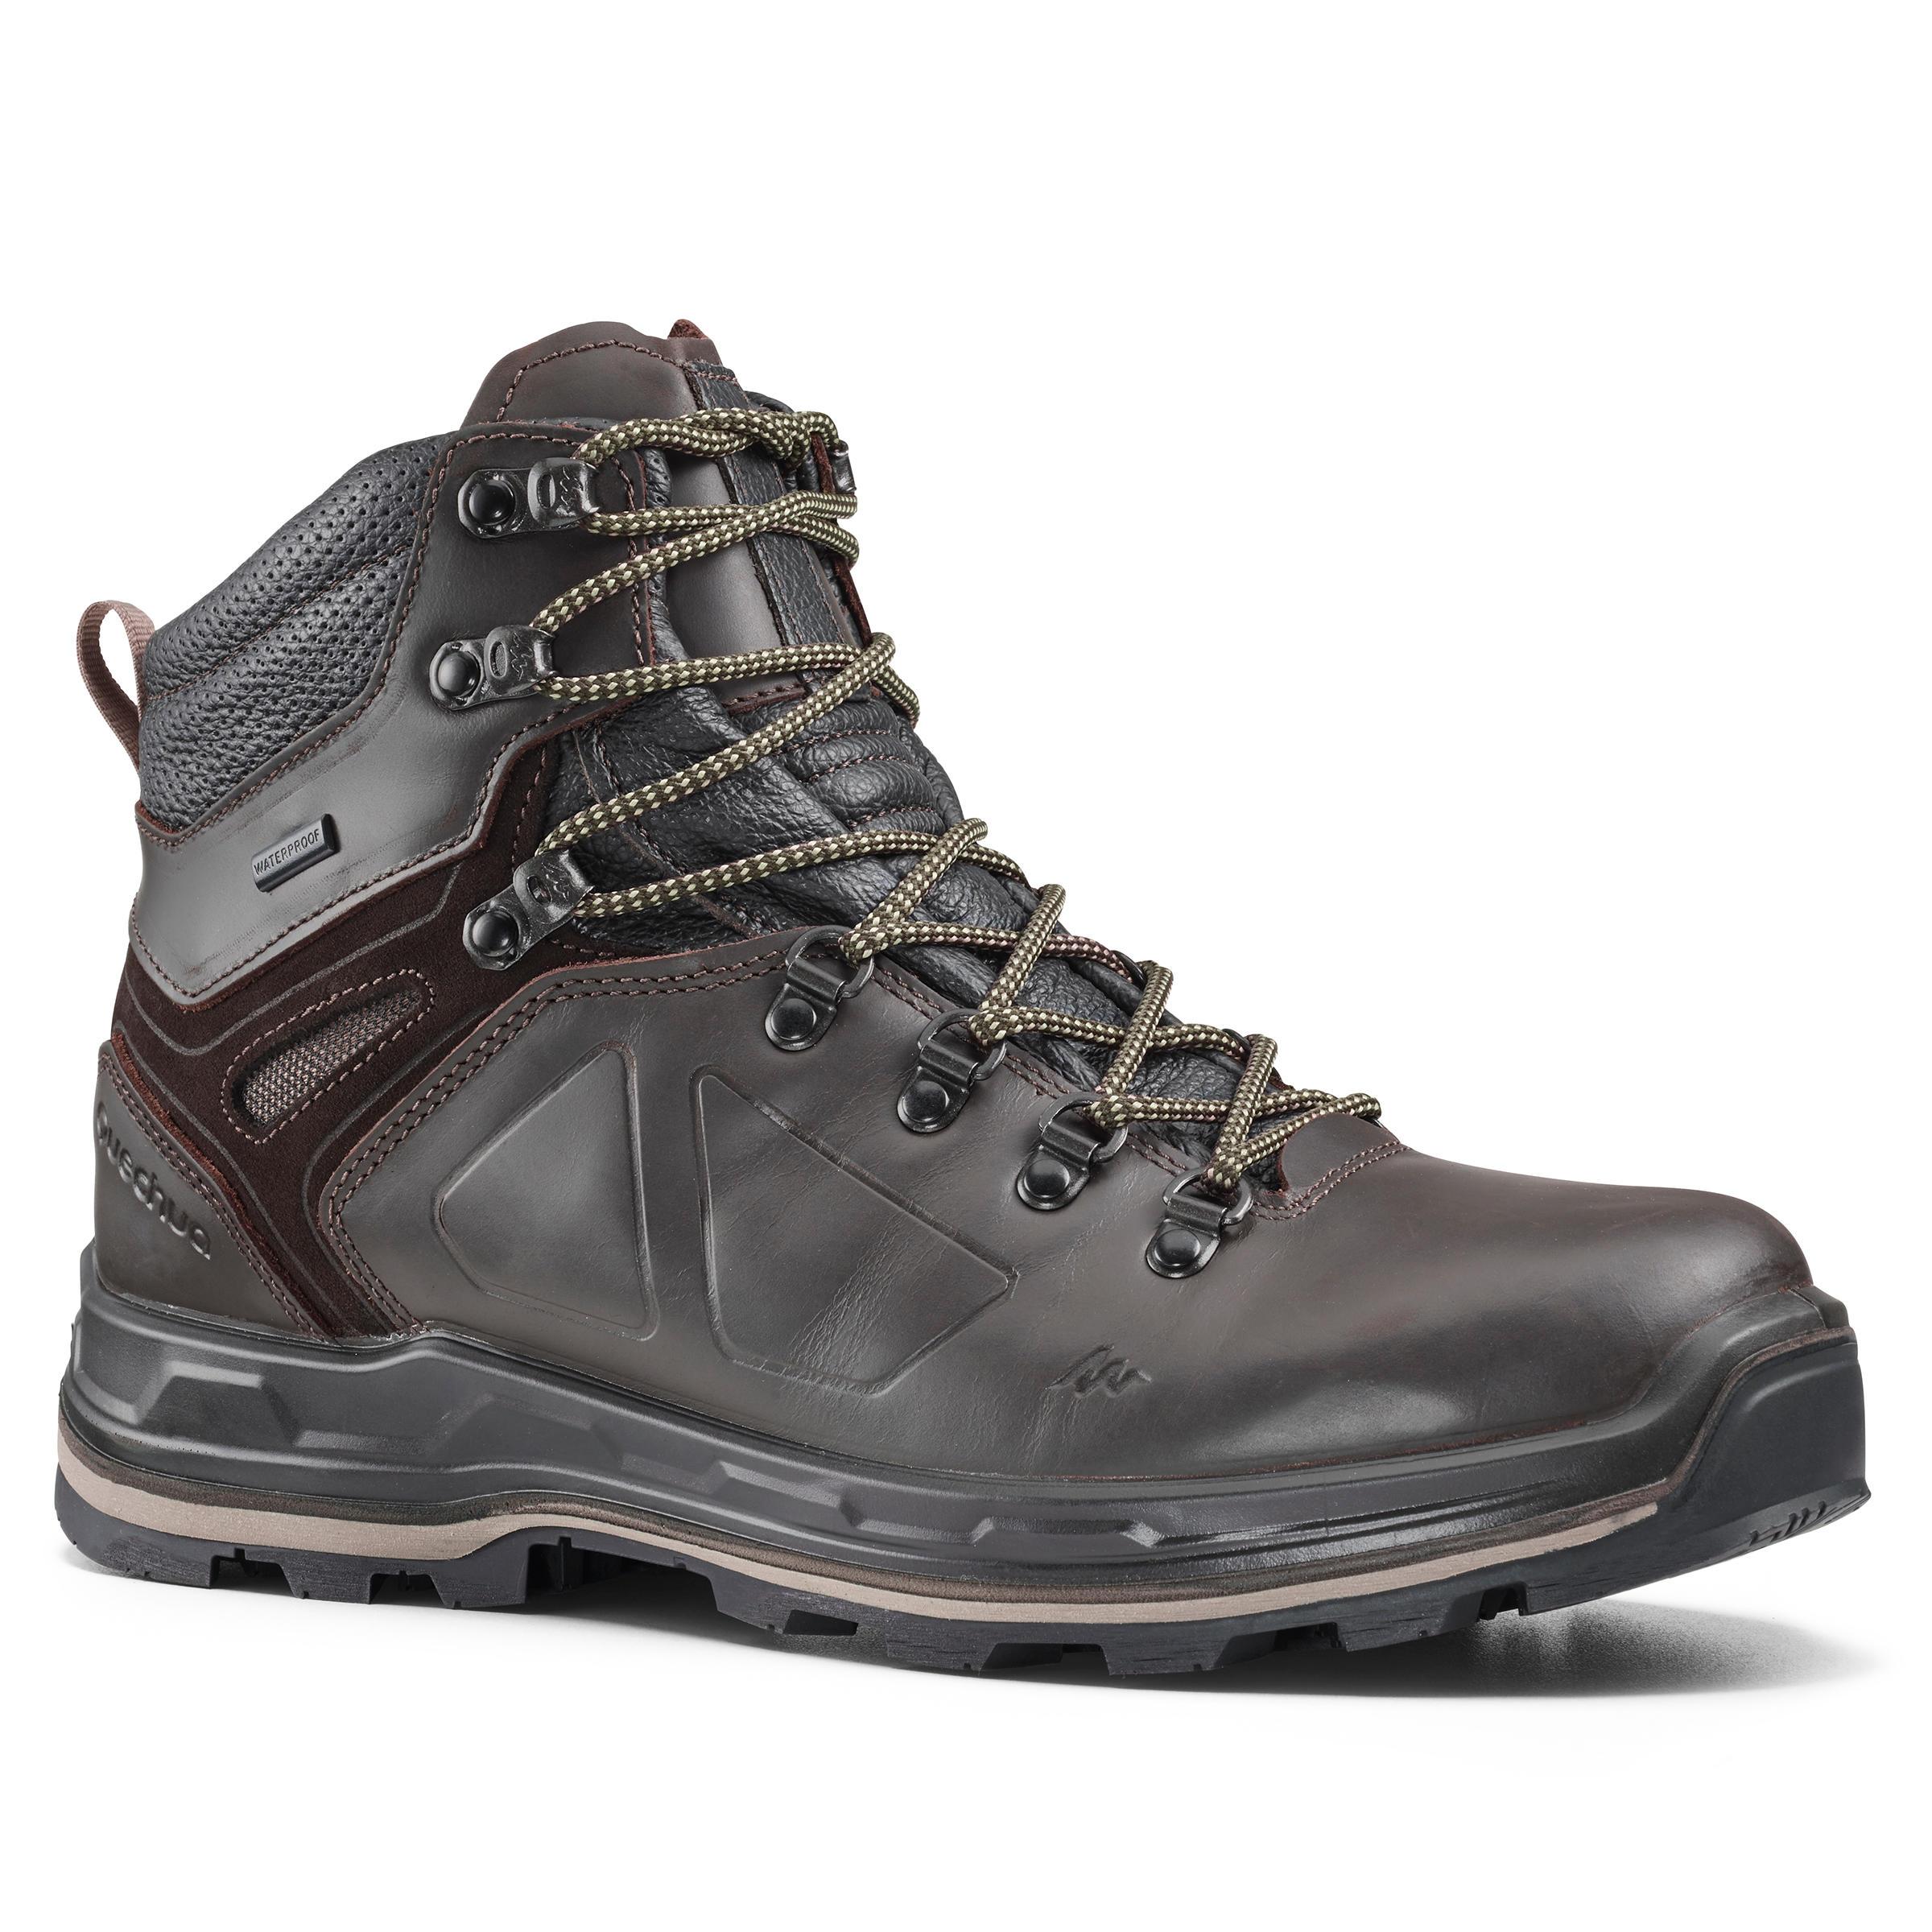 9d4979caaf5e Trekking Shoes